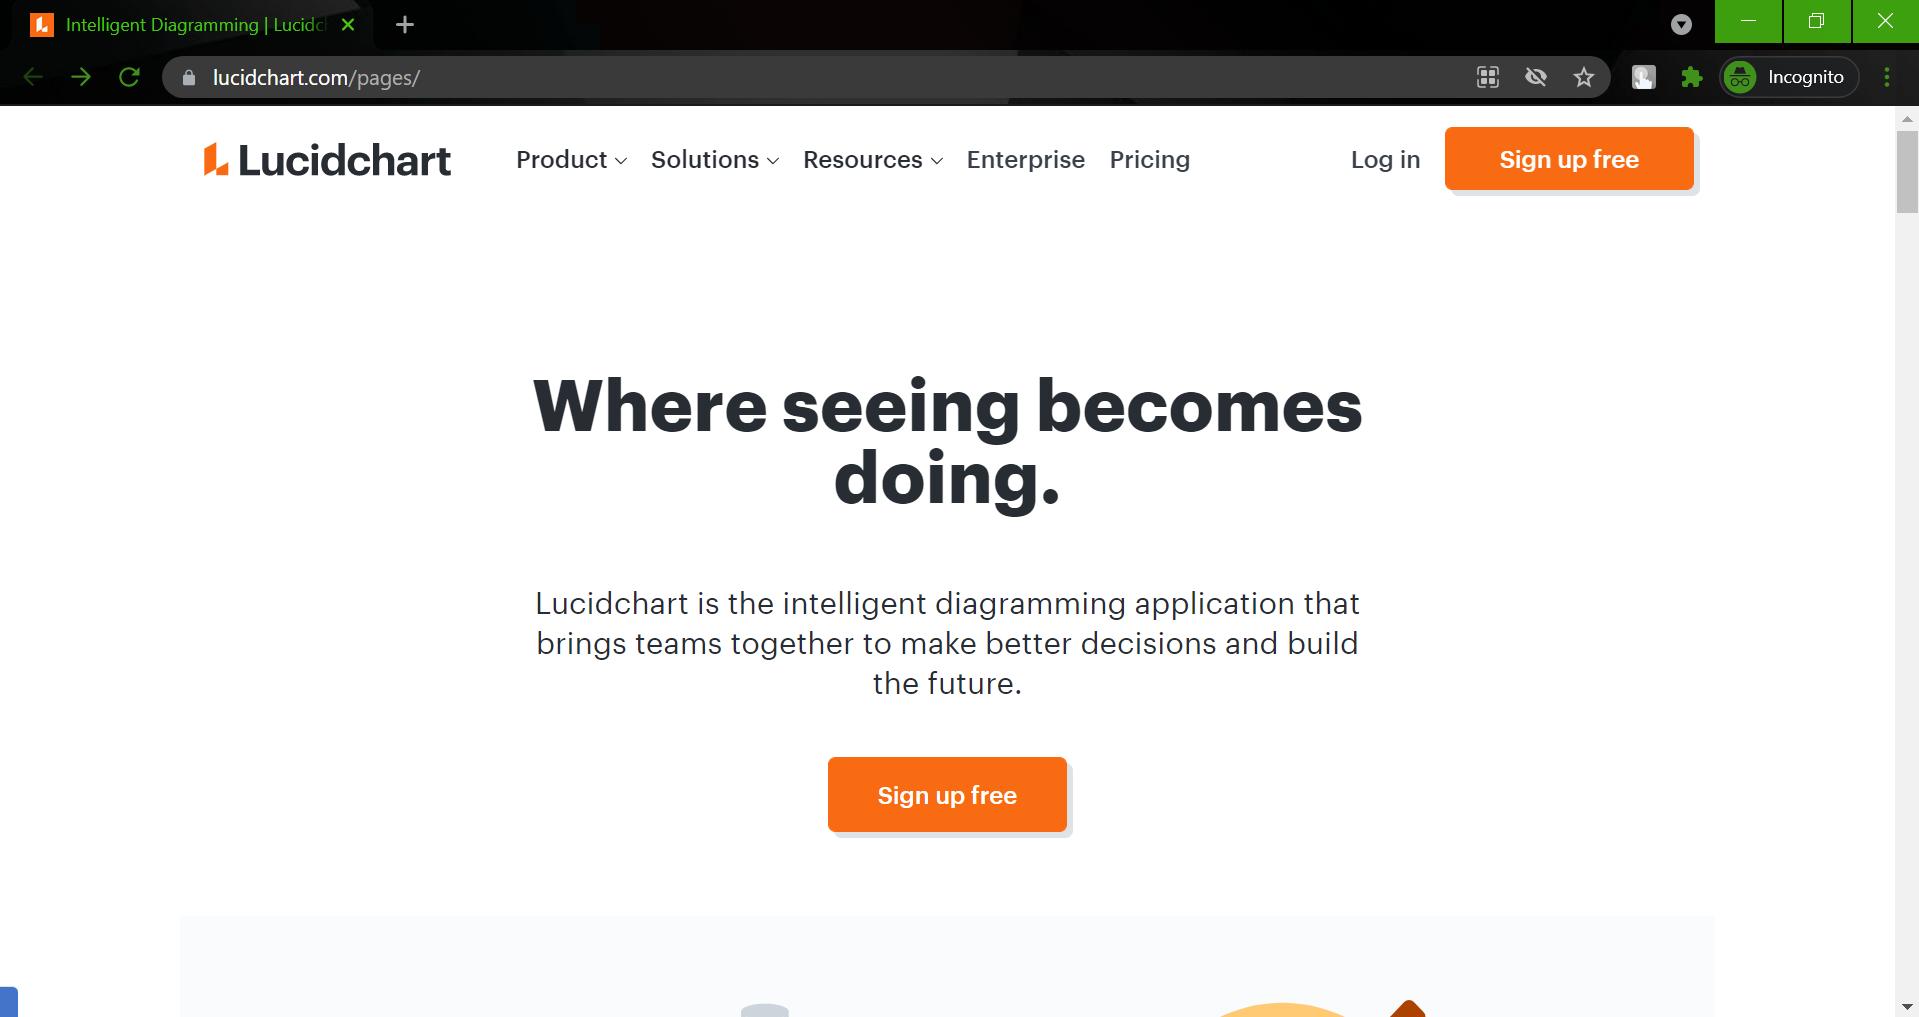 Hidden websites - lucidchart.com